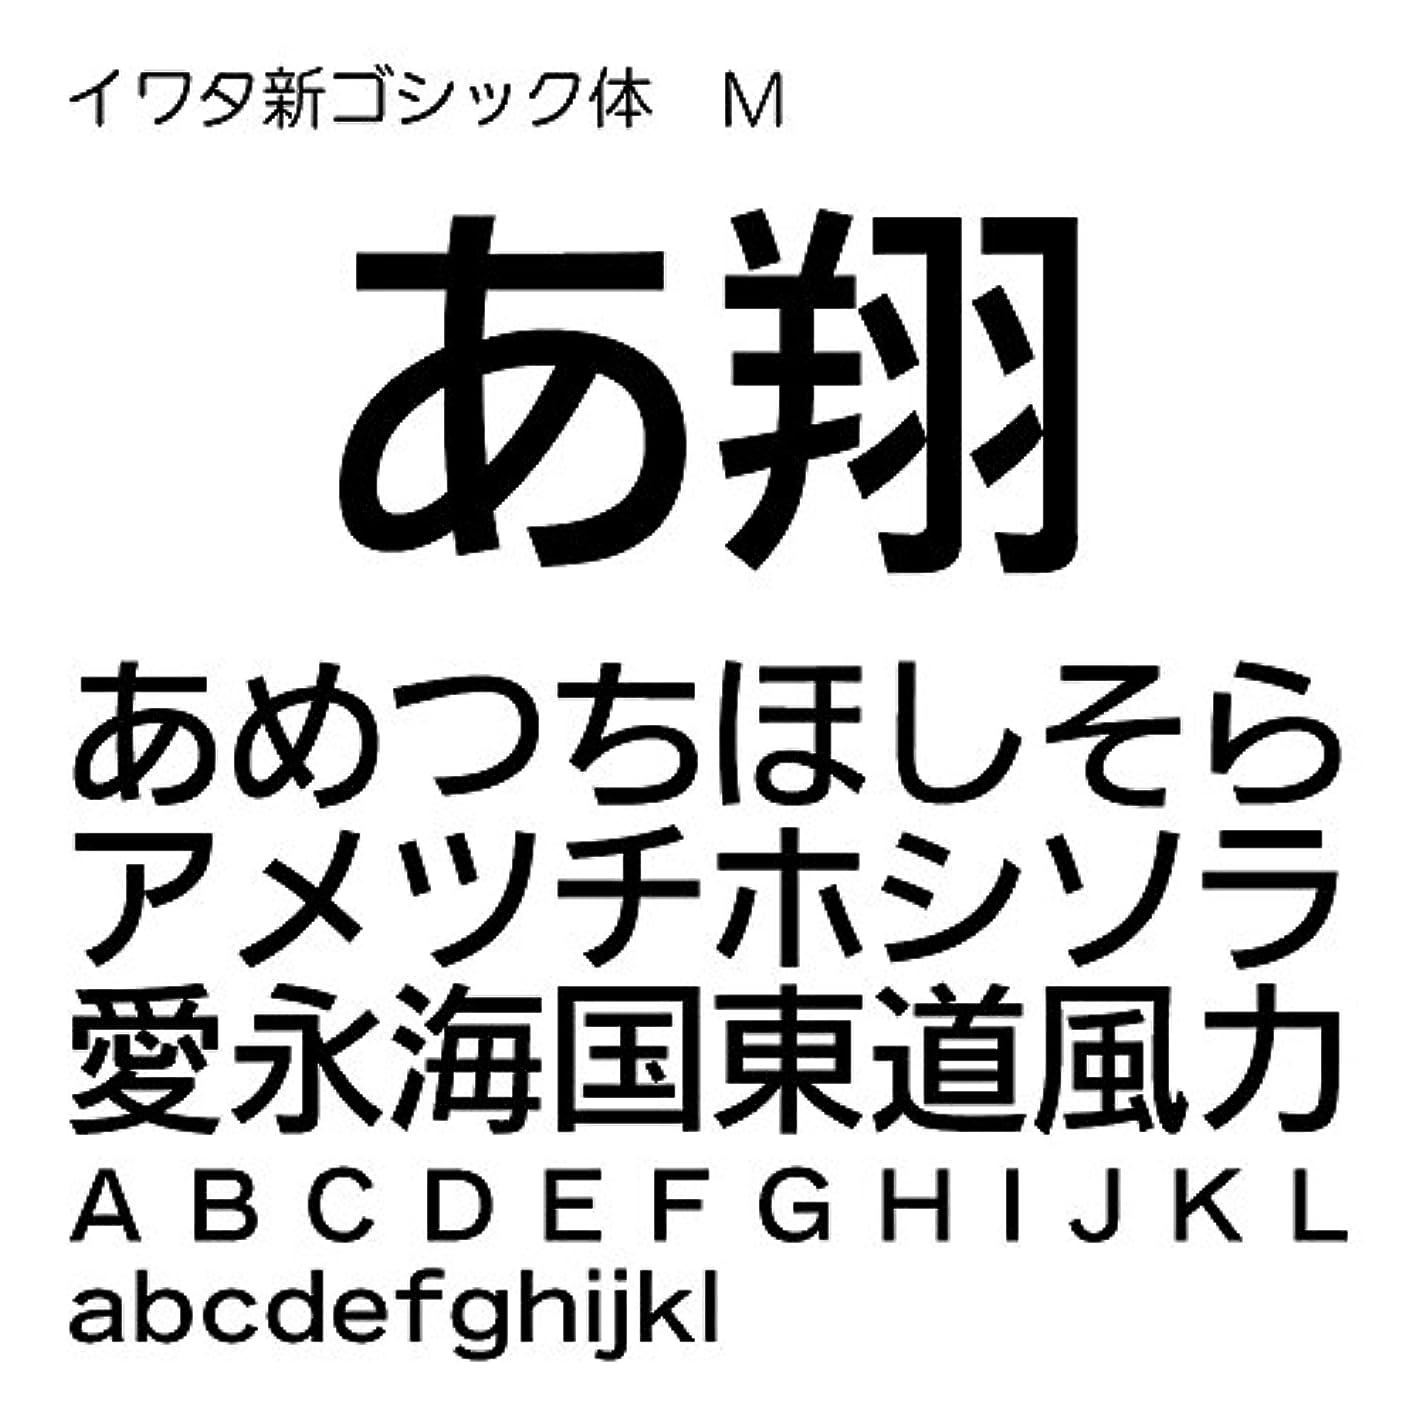 地獄宴会ピアースイワタ新ゴシック体M Pro OpenType Font for Windows [ダウンロード]